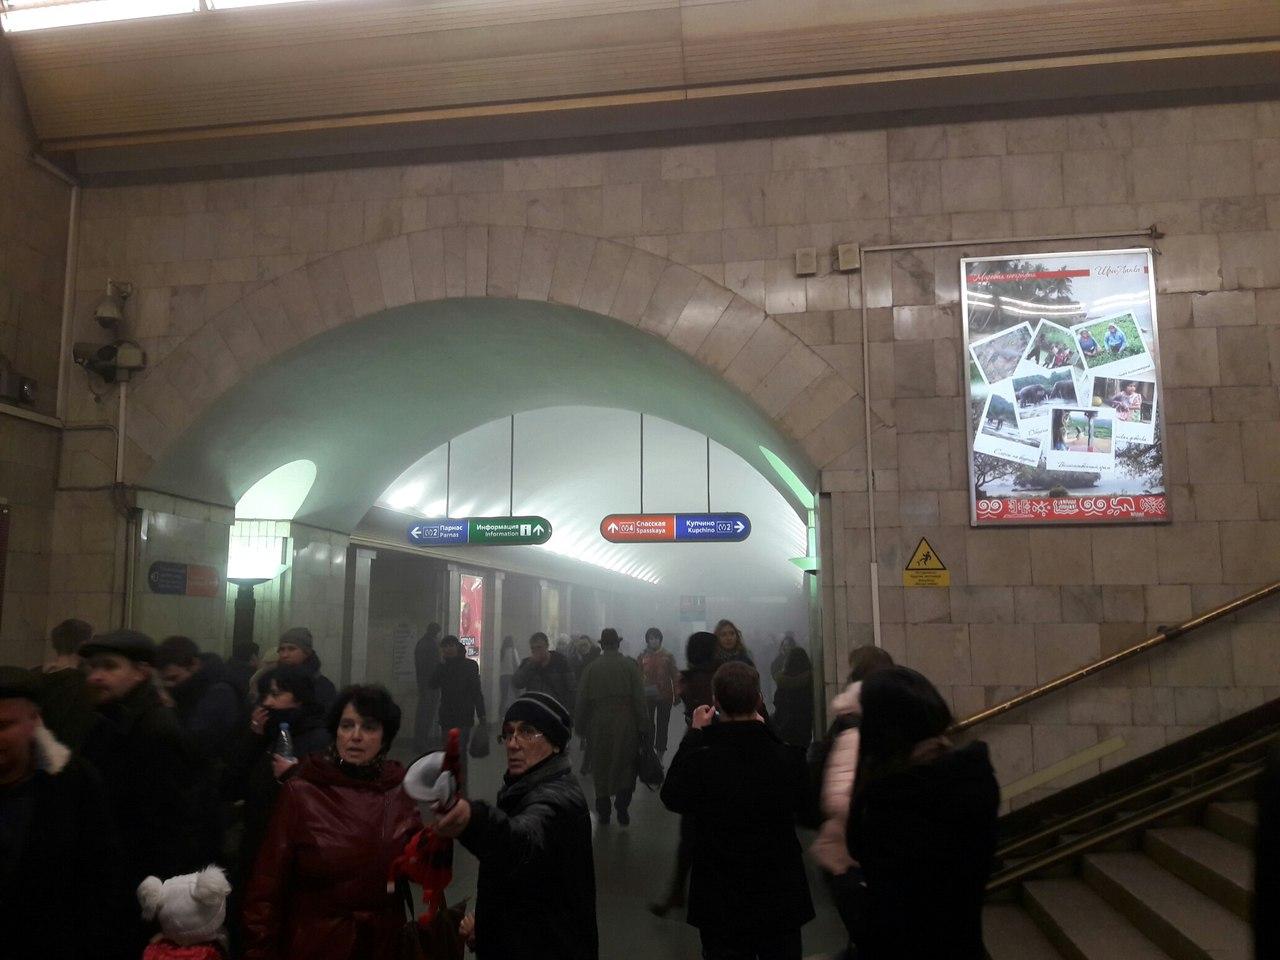 В Питере прогремели два взрыва в метро,есть погибшие